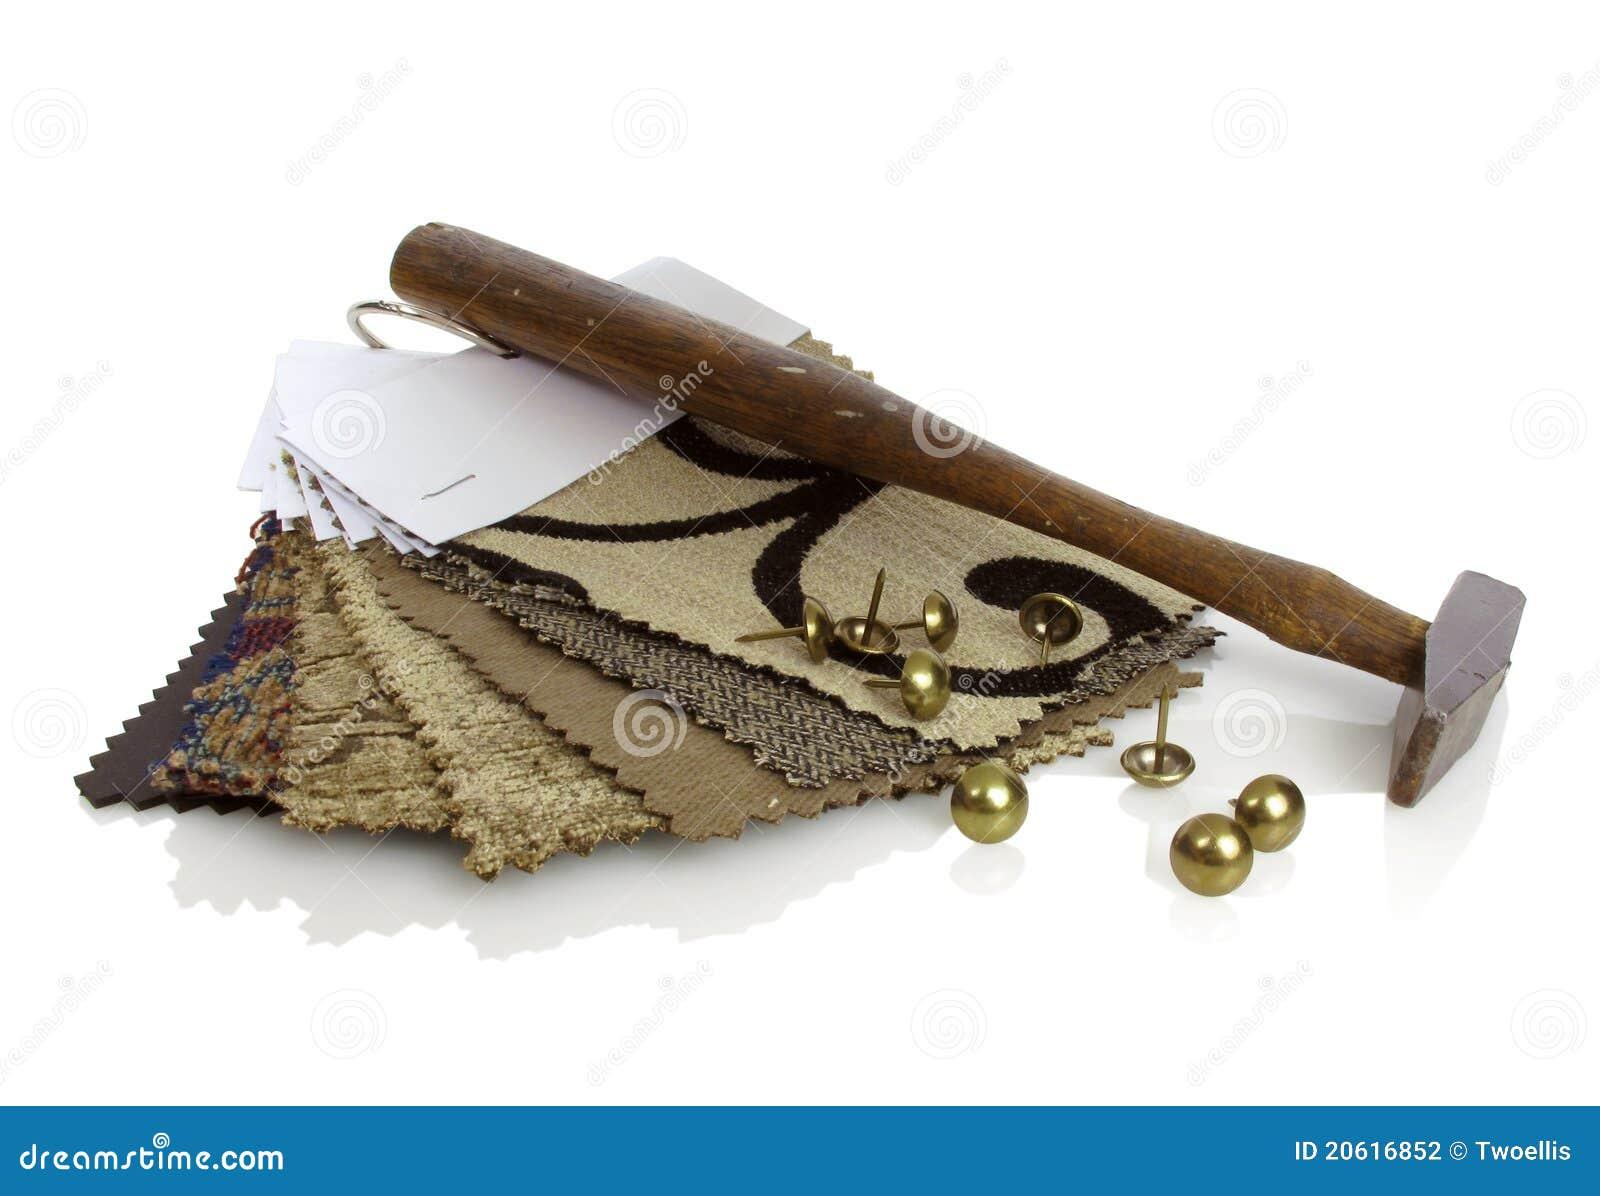 Herramientas del tapicero - Grapadora de tapicero ...